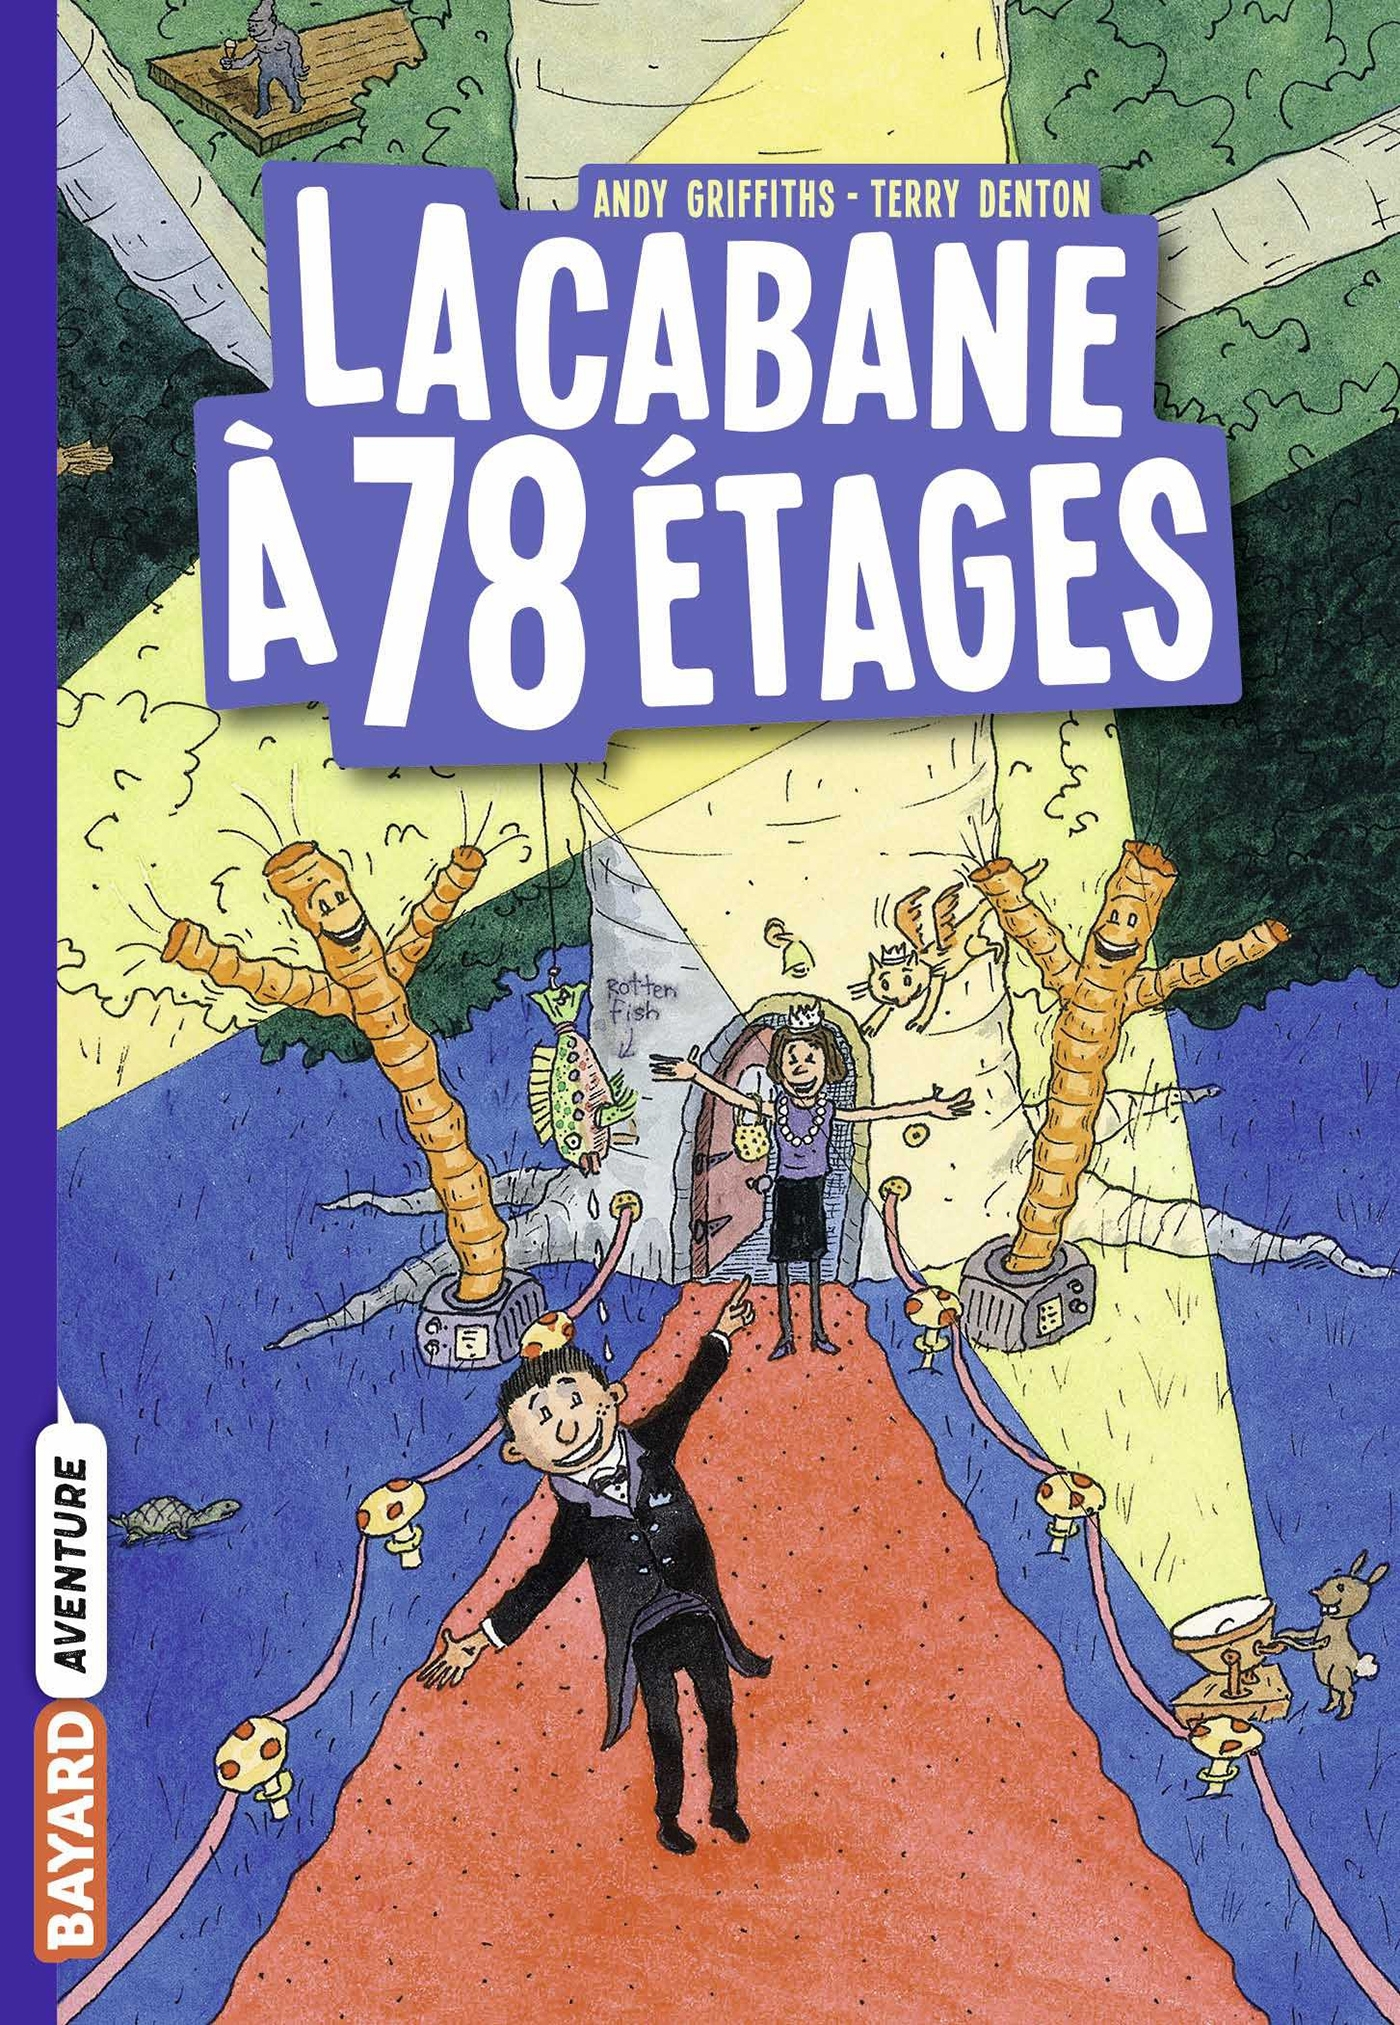 LA CABANE A 13 ETAGES, TOME 06 - LA CABANE A 78 ETAGES POCHE